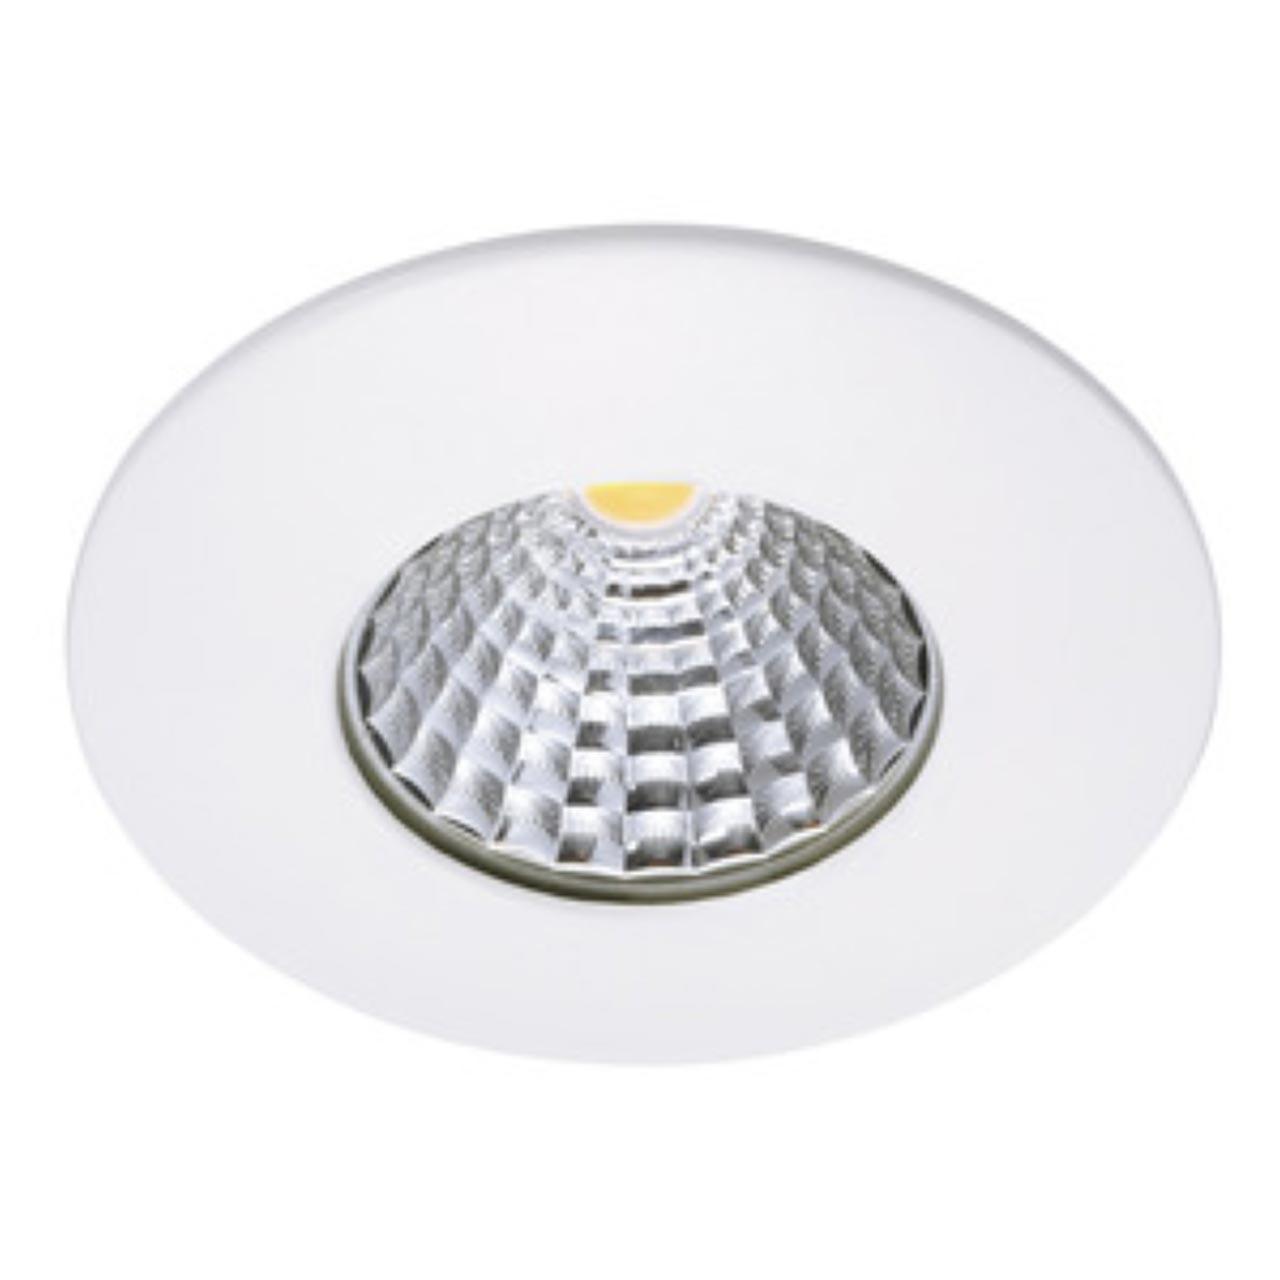 Aric - ARI50410 - ARIC 50410 - AQUAPRO - Encastré IP20/65, autorisé Volume 2, LED intégrée 8W 3000K 635 lumens